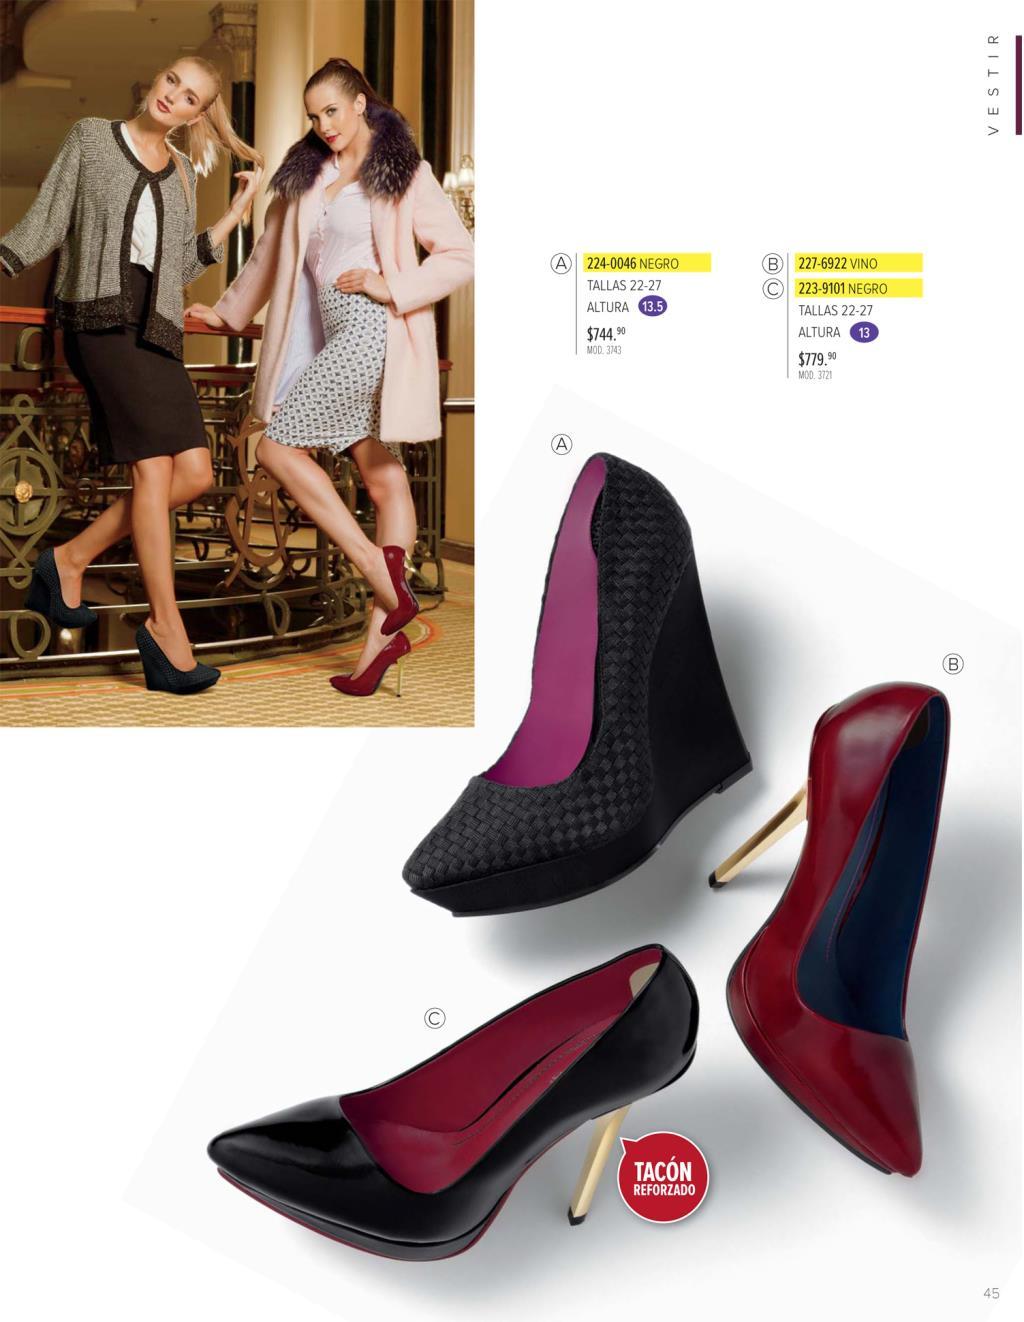 c3b21104 Andrea Cerrado45 – Estilos de moda – Moda, estilo y tendencias